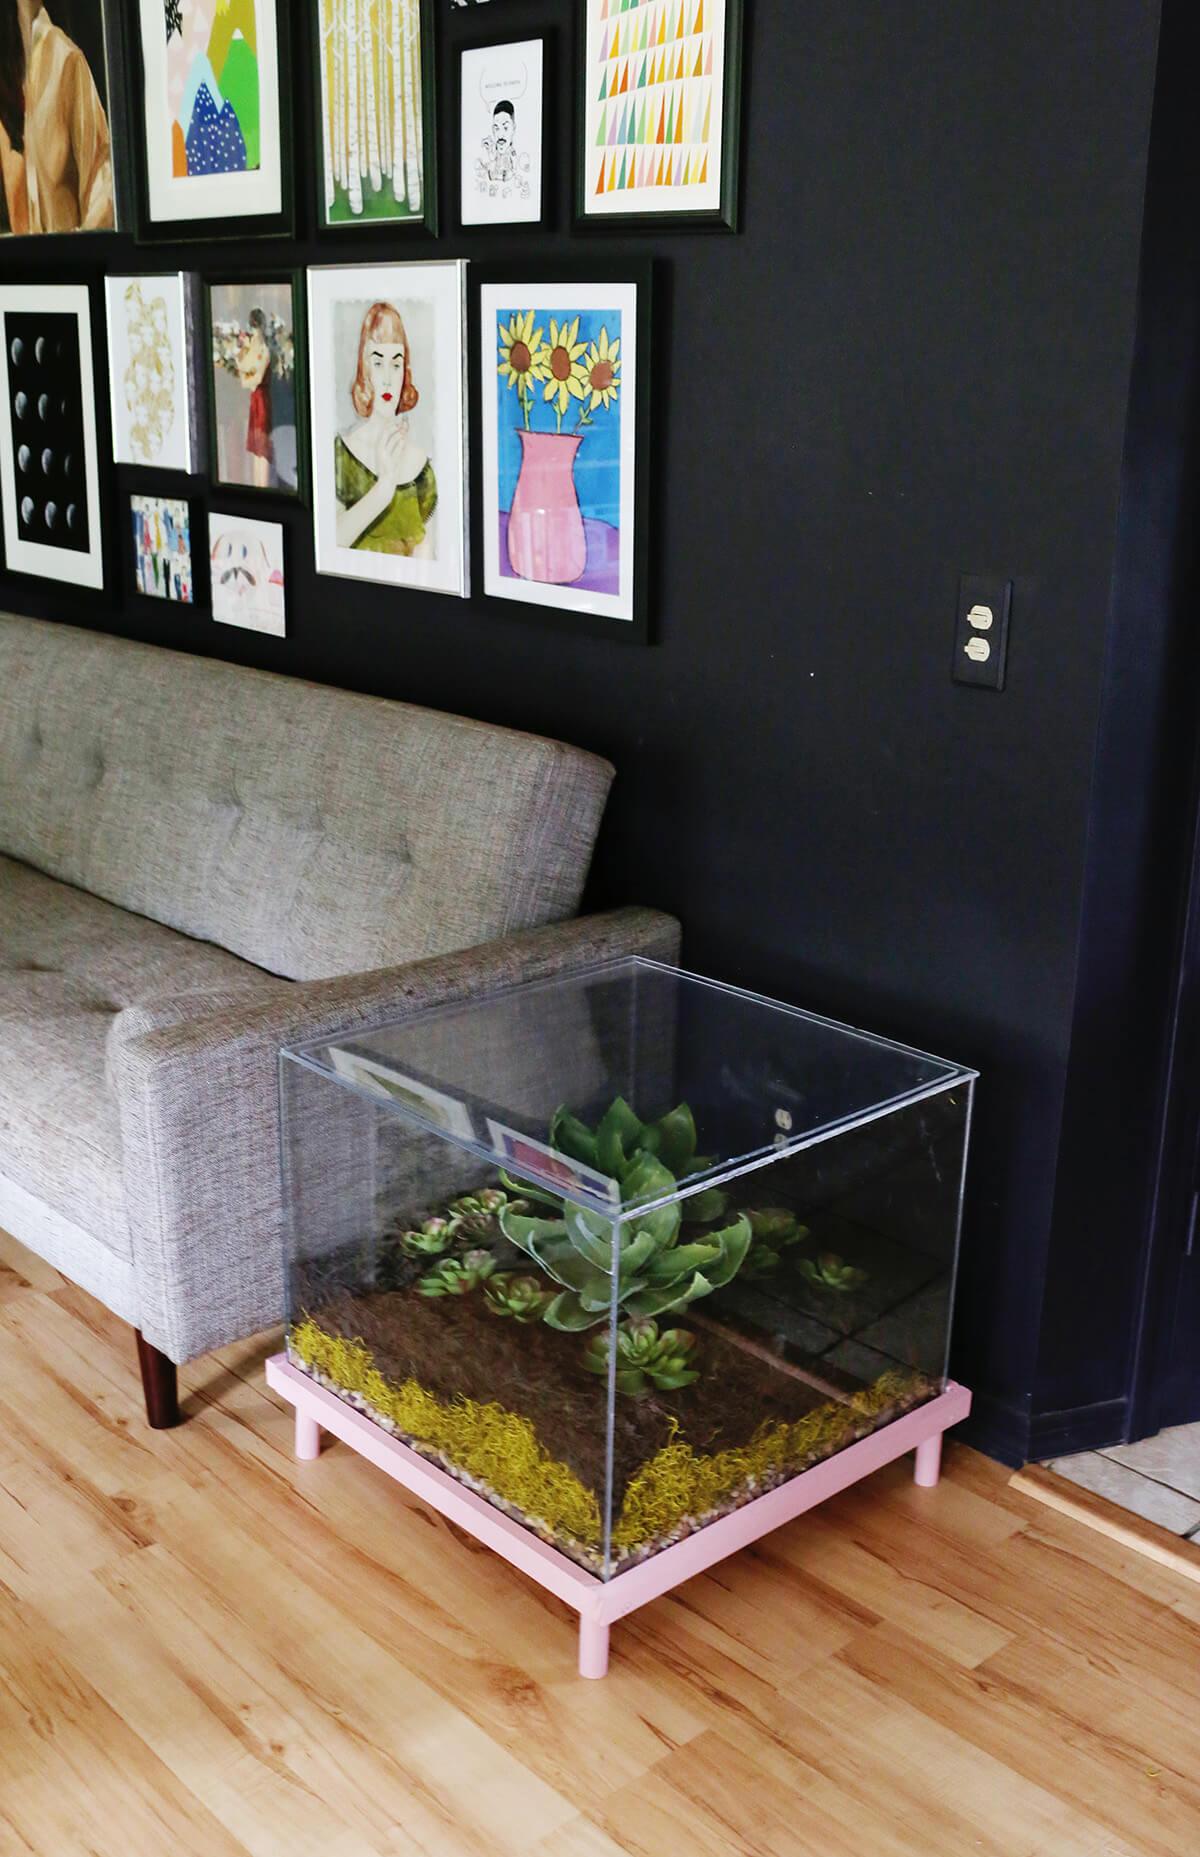 Table de terrarium en verre de rêve du botaniste